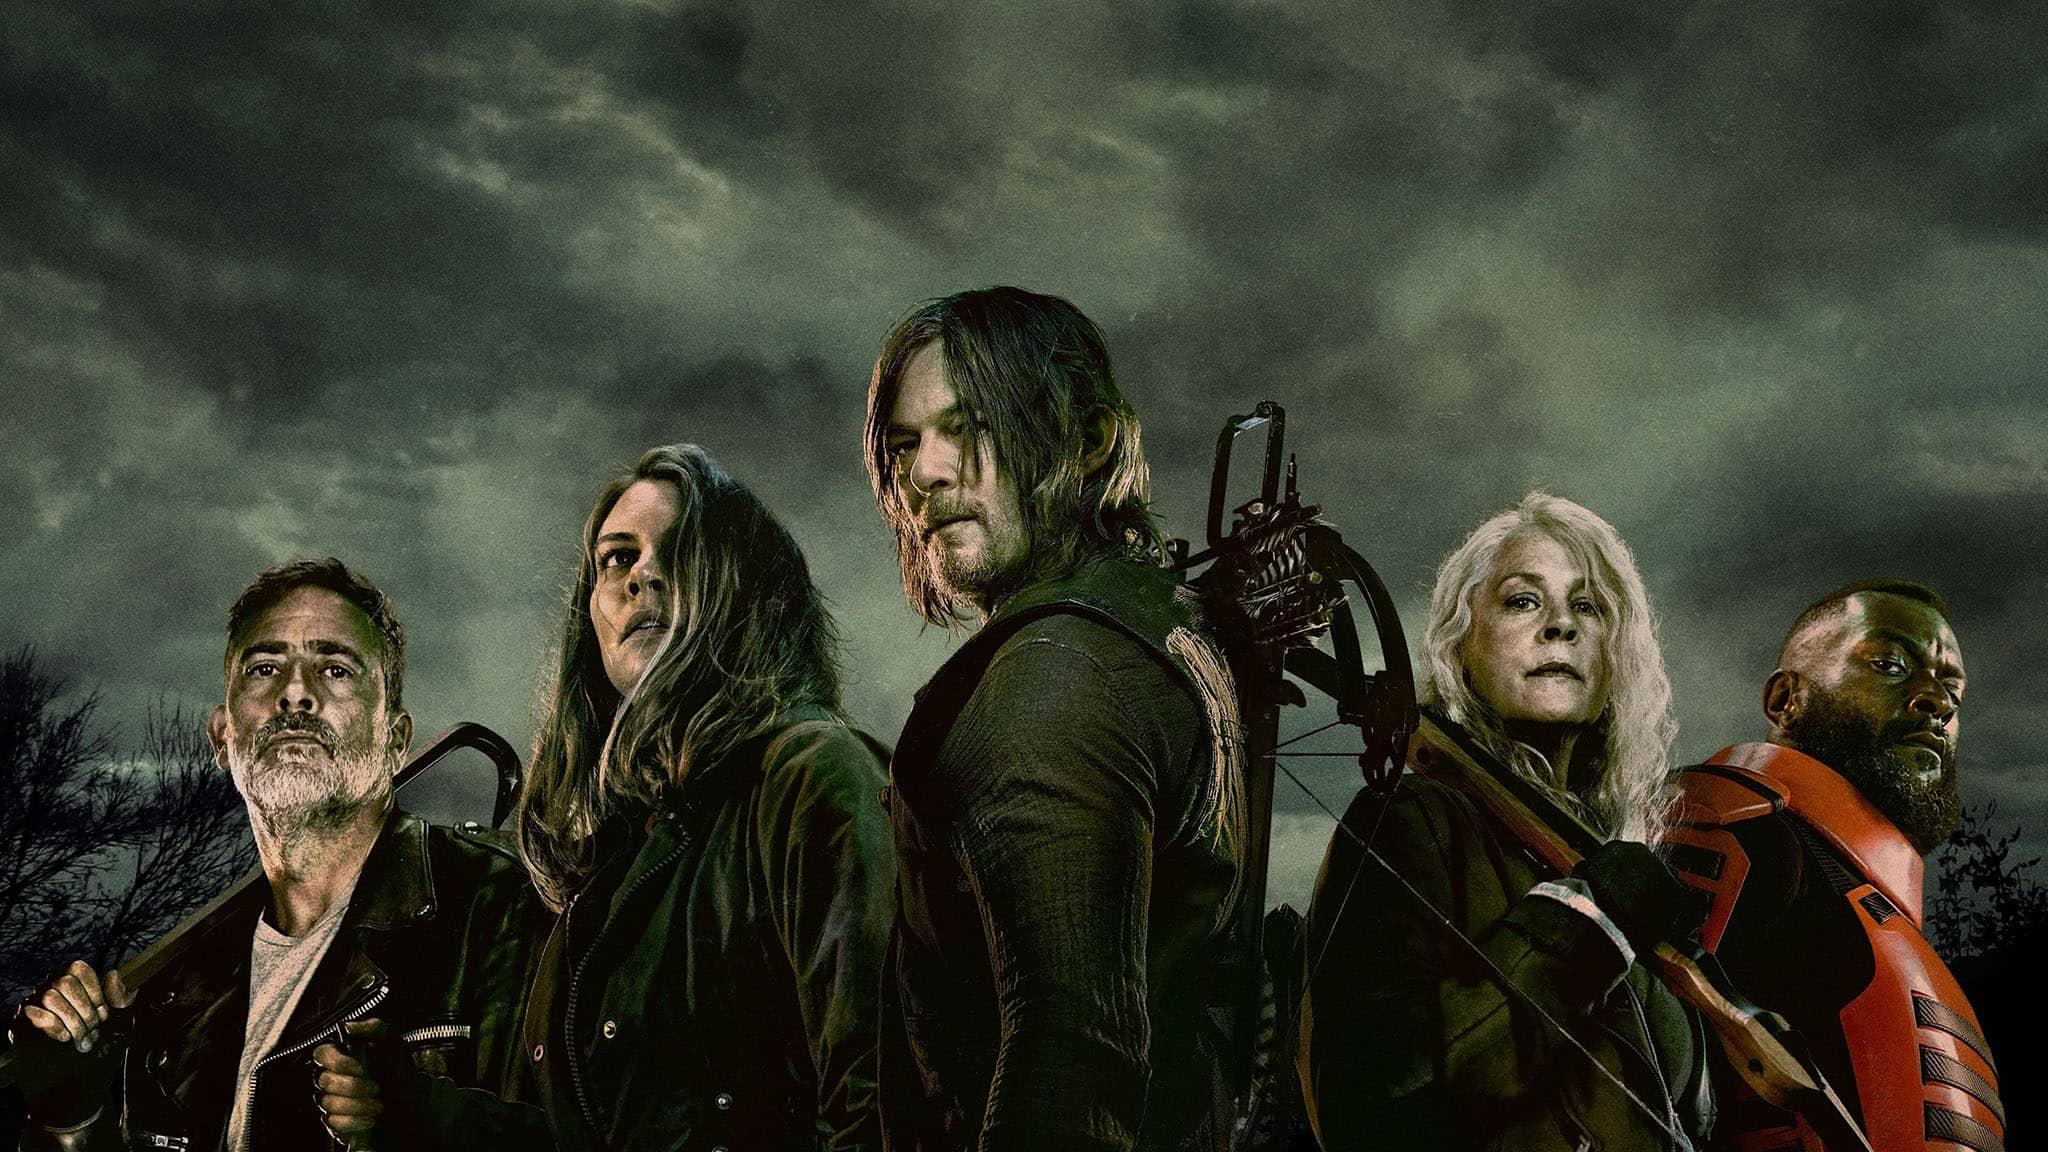 مسلسل The Walking Dead الموسم الحادي عشر مترجم